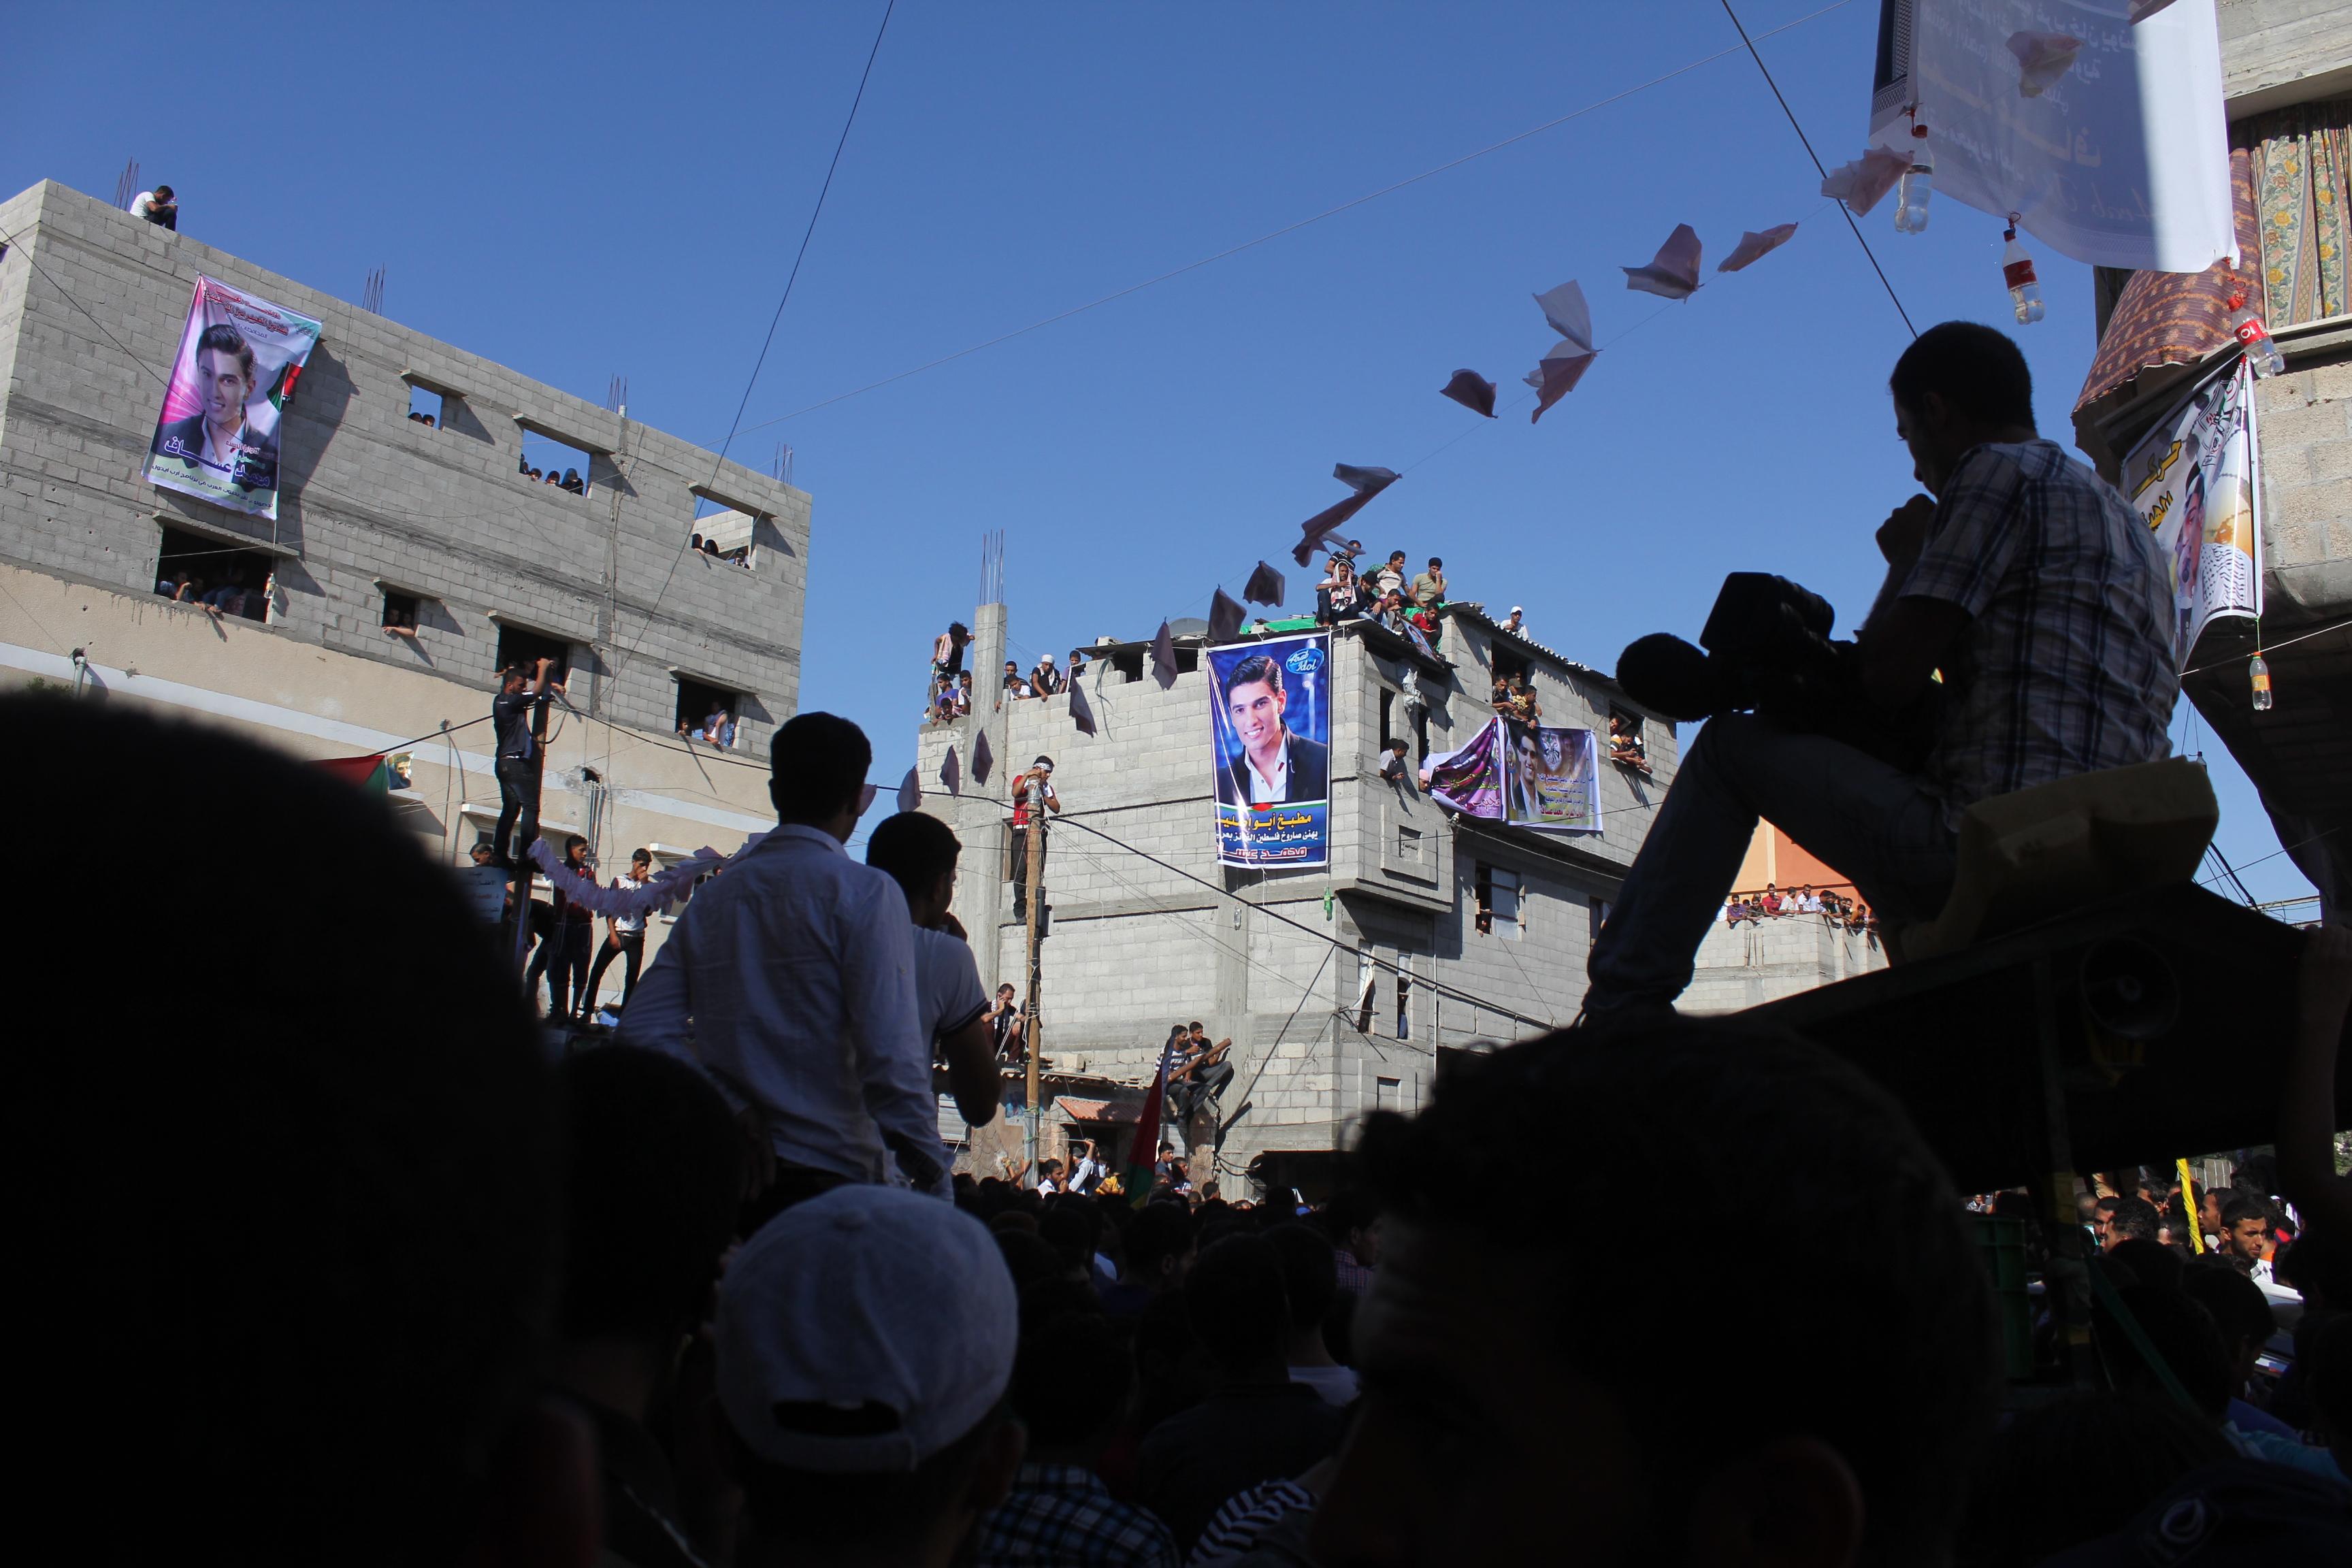 Des centaines de Gazaouis massés devant la maison de Mohammed Assaf à Khan Younes, Bande de Gaza www.merblanche.com all rights reserved